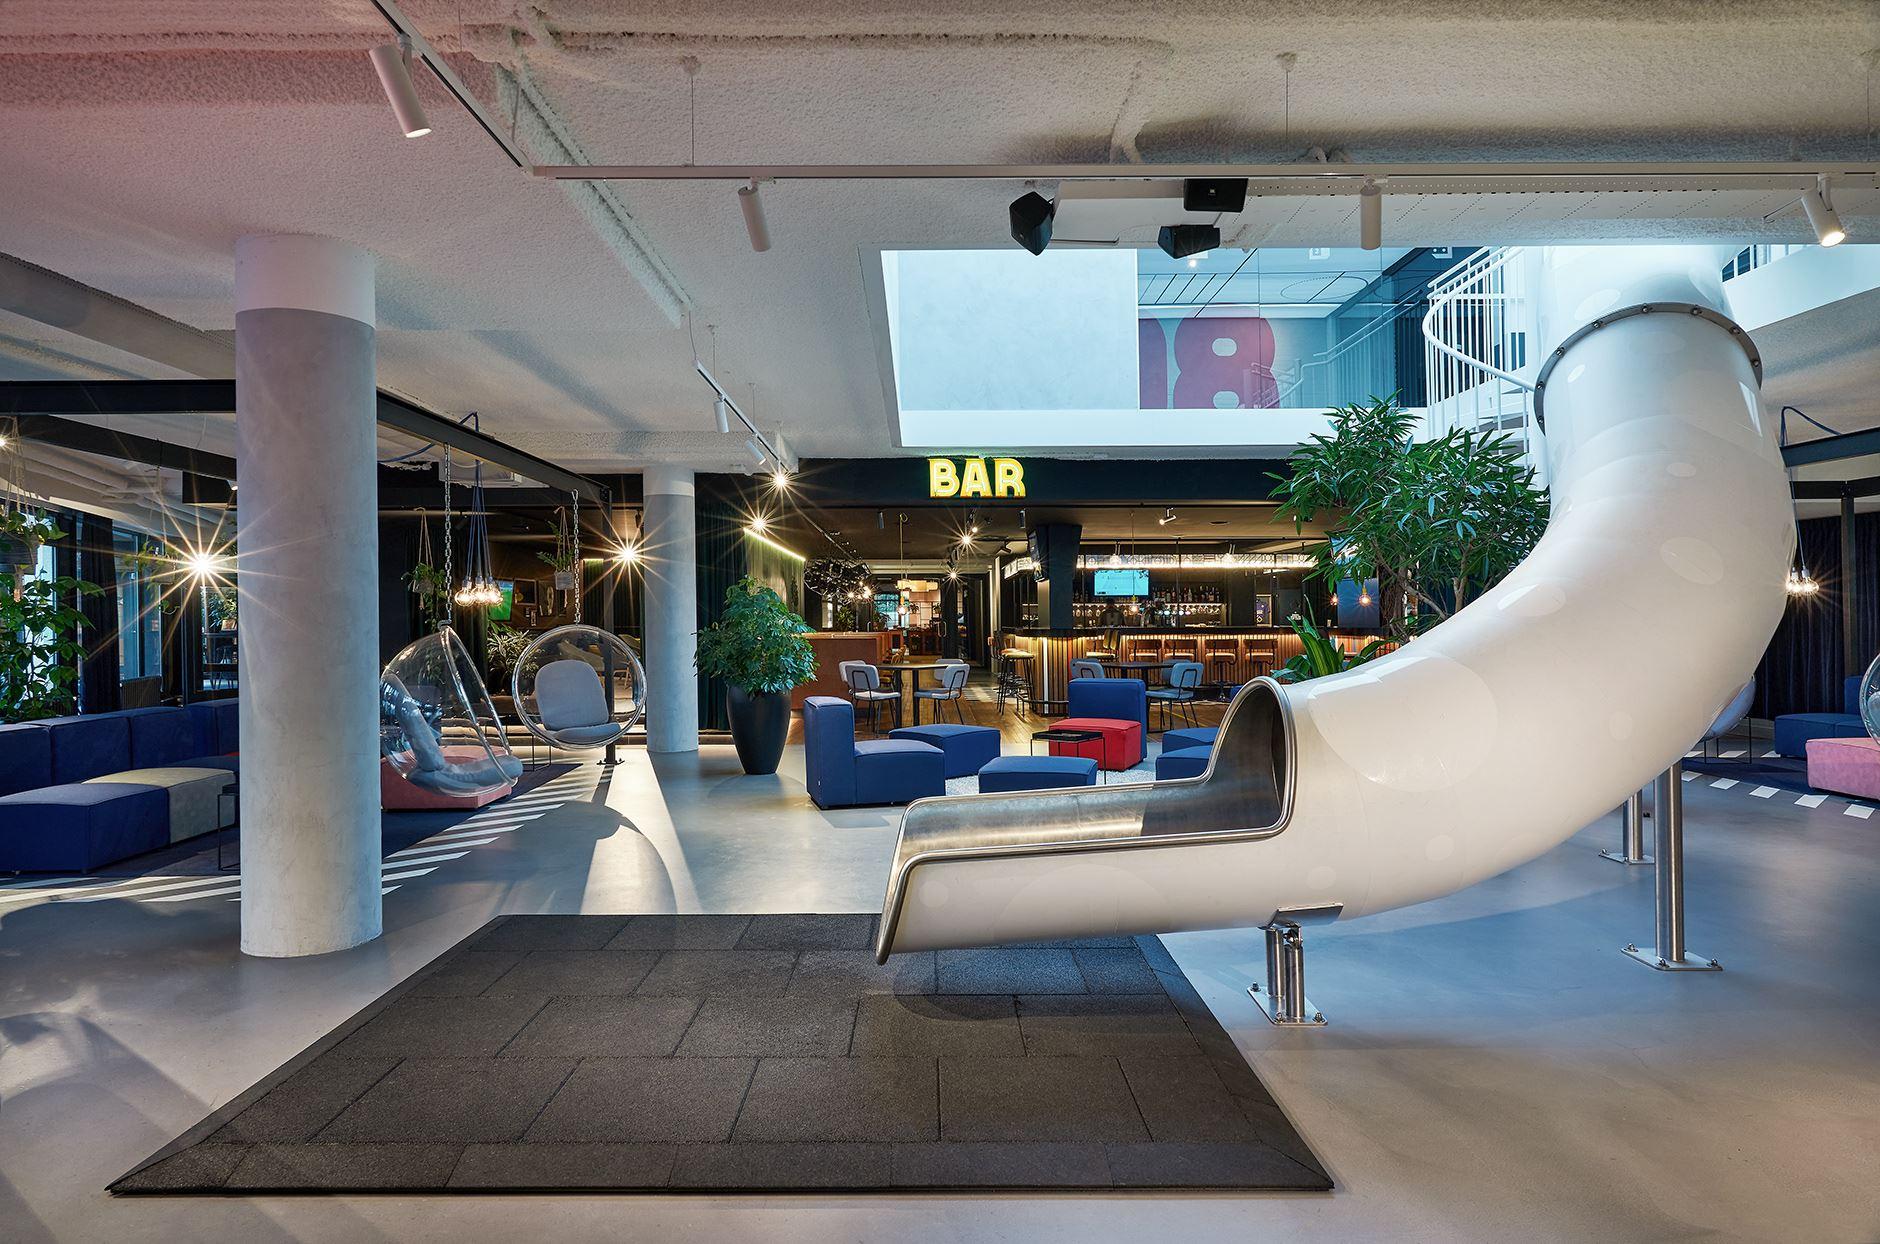 hup-hotel-glijbaan-sports-bar